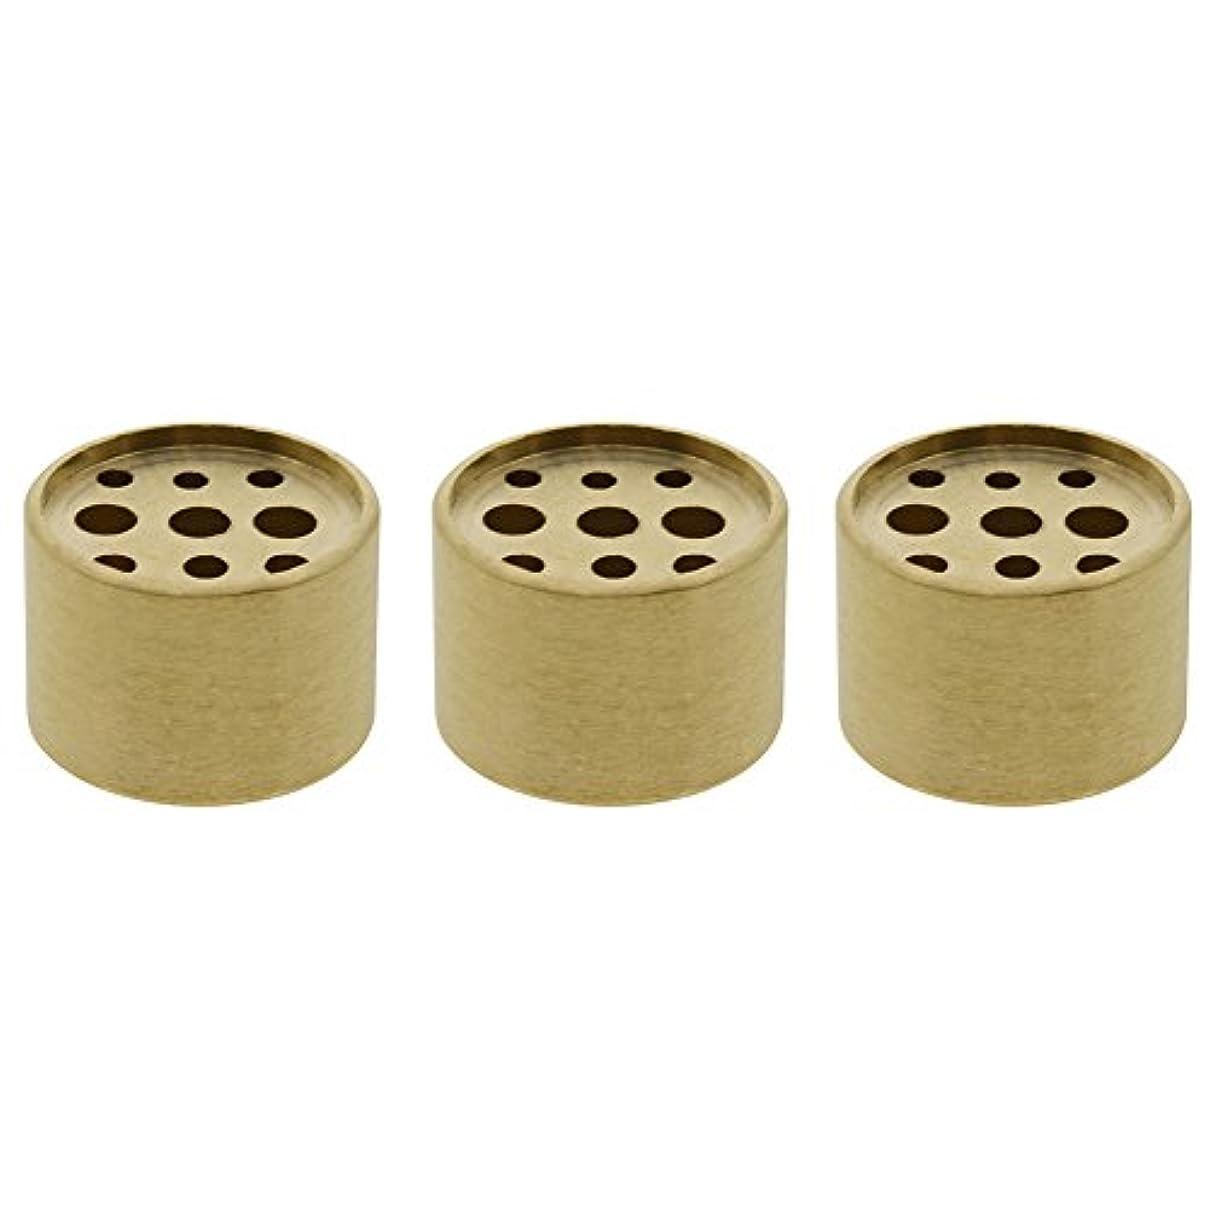 めまいがフェデレーションラベンダーSaim 3個Fine銅円柱形状Incenseホルダー9穴真鍮LotusスティックBurner for Incense